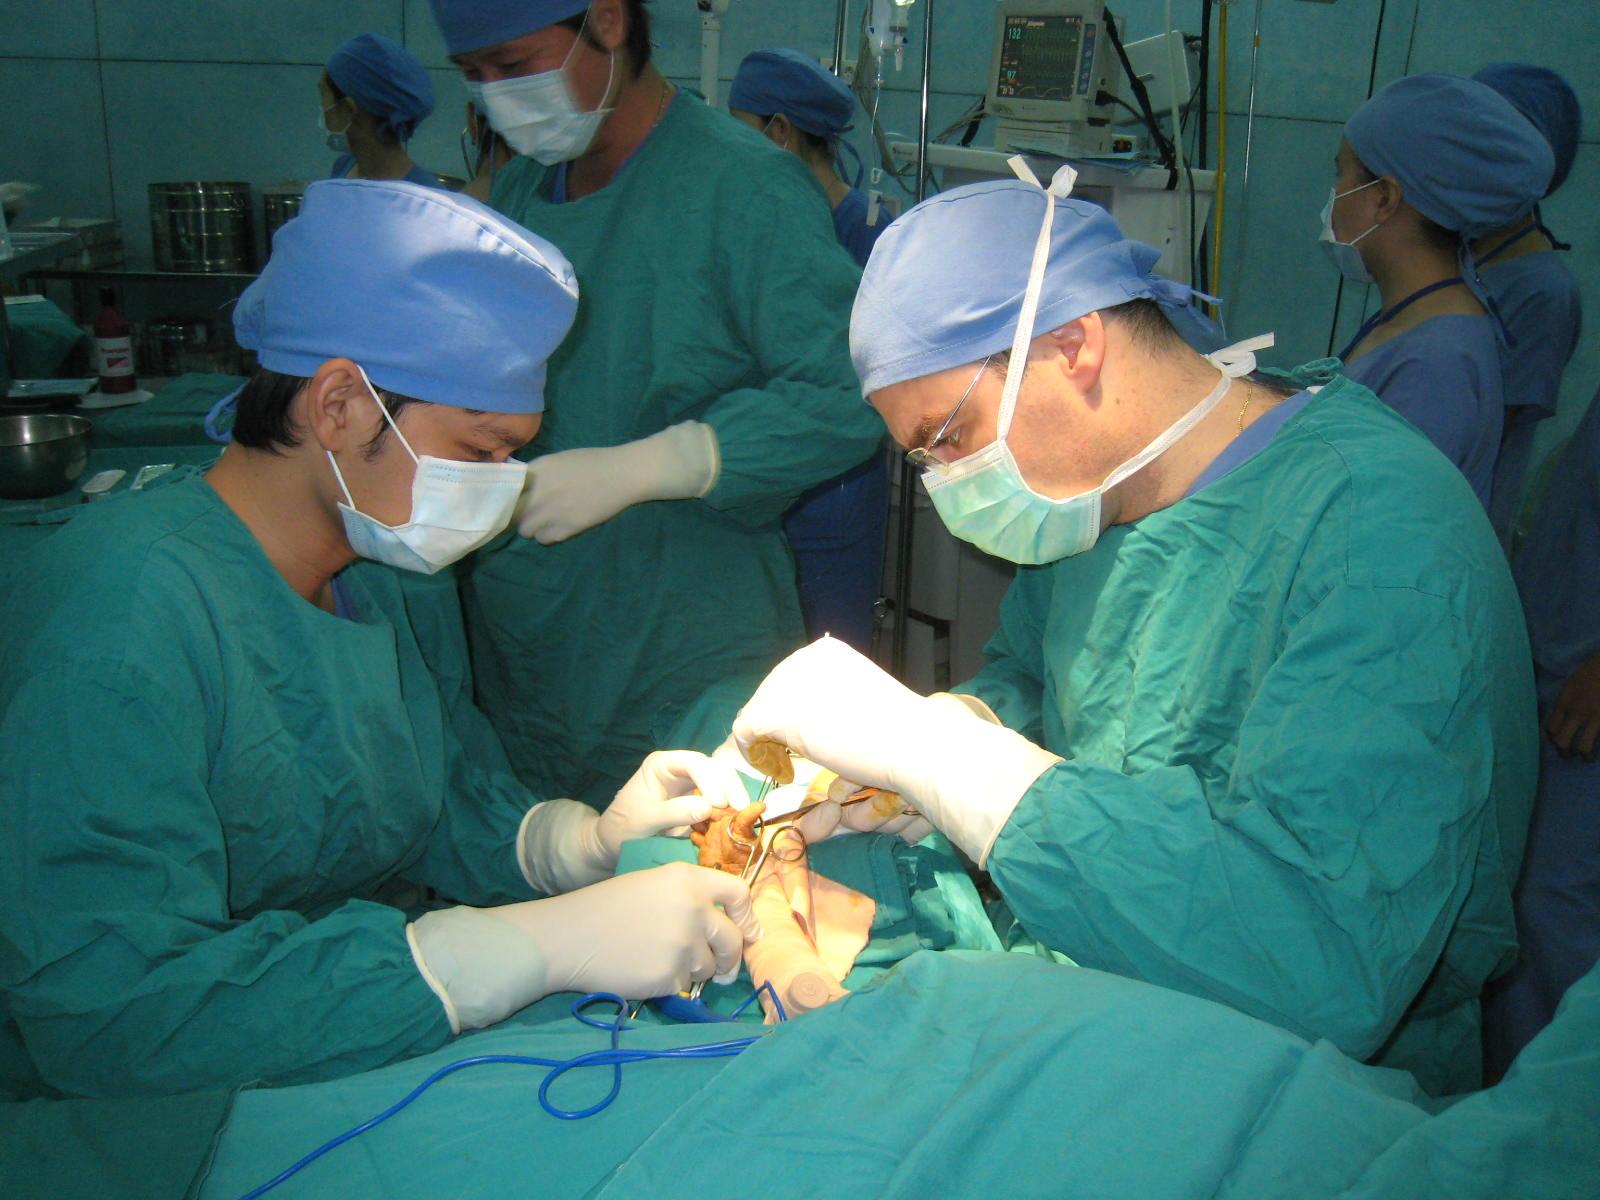 Phẫu thuật là phương pháp điều trị phổ biến nhất cho bệnh nhân ung thư cổ tử cung